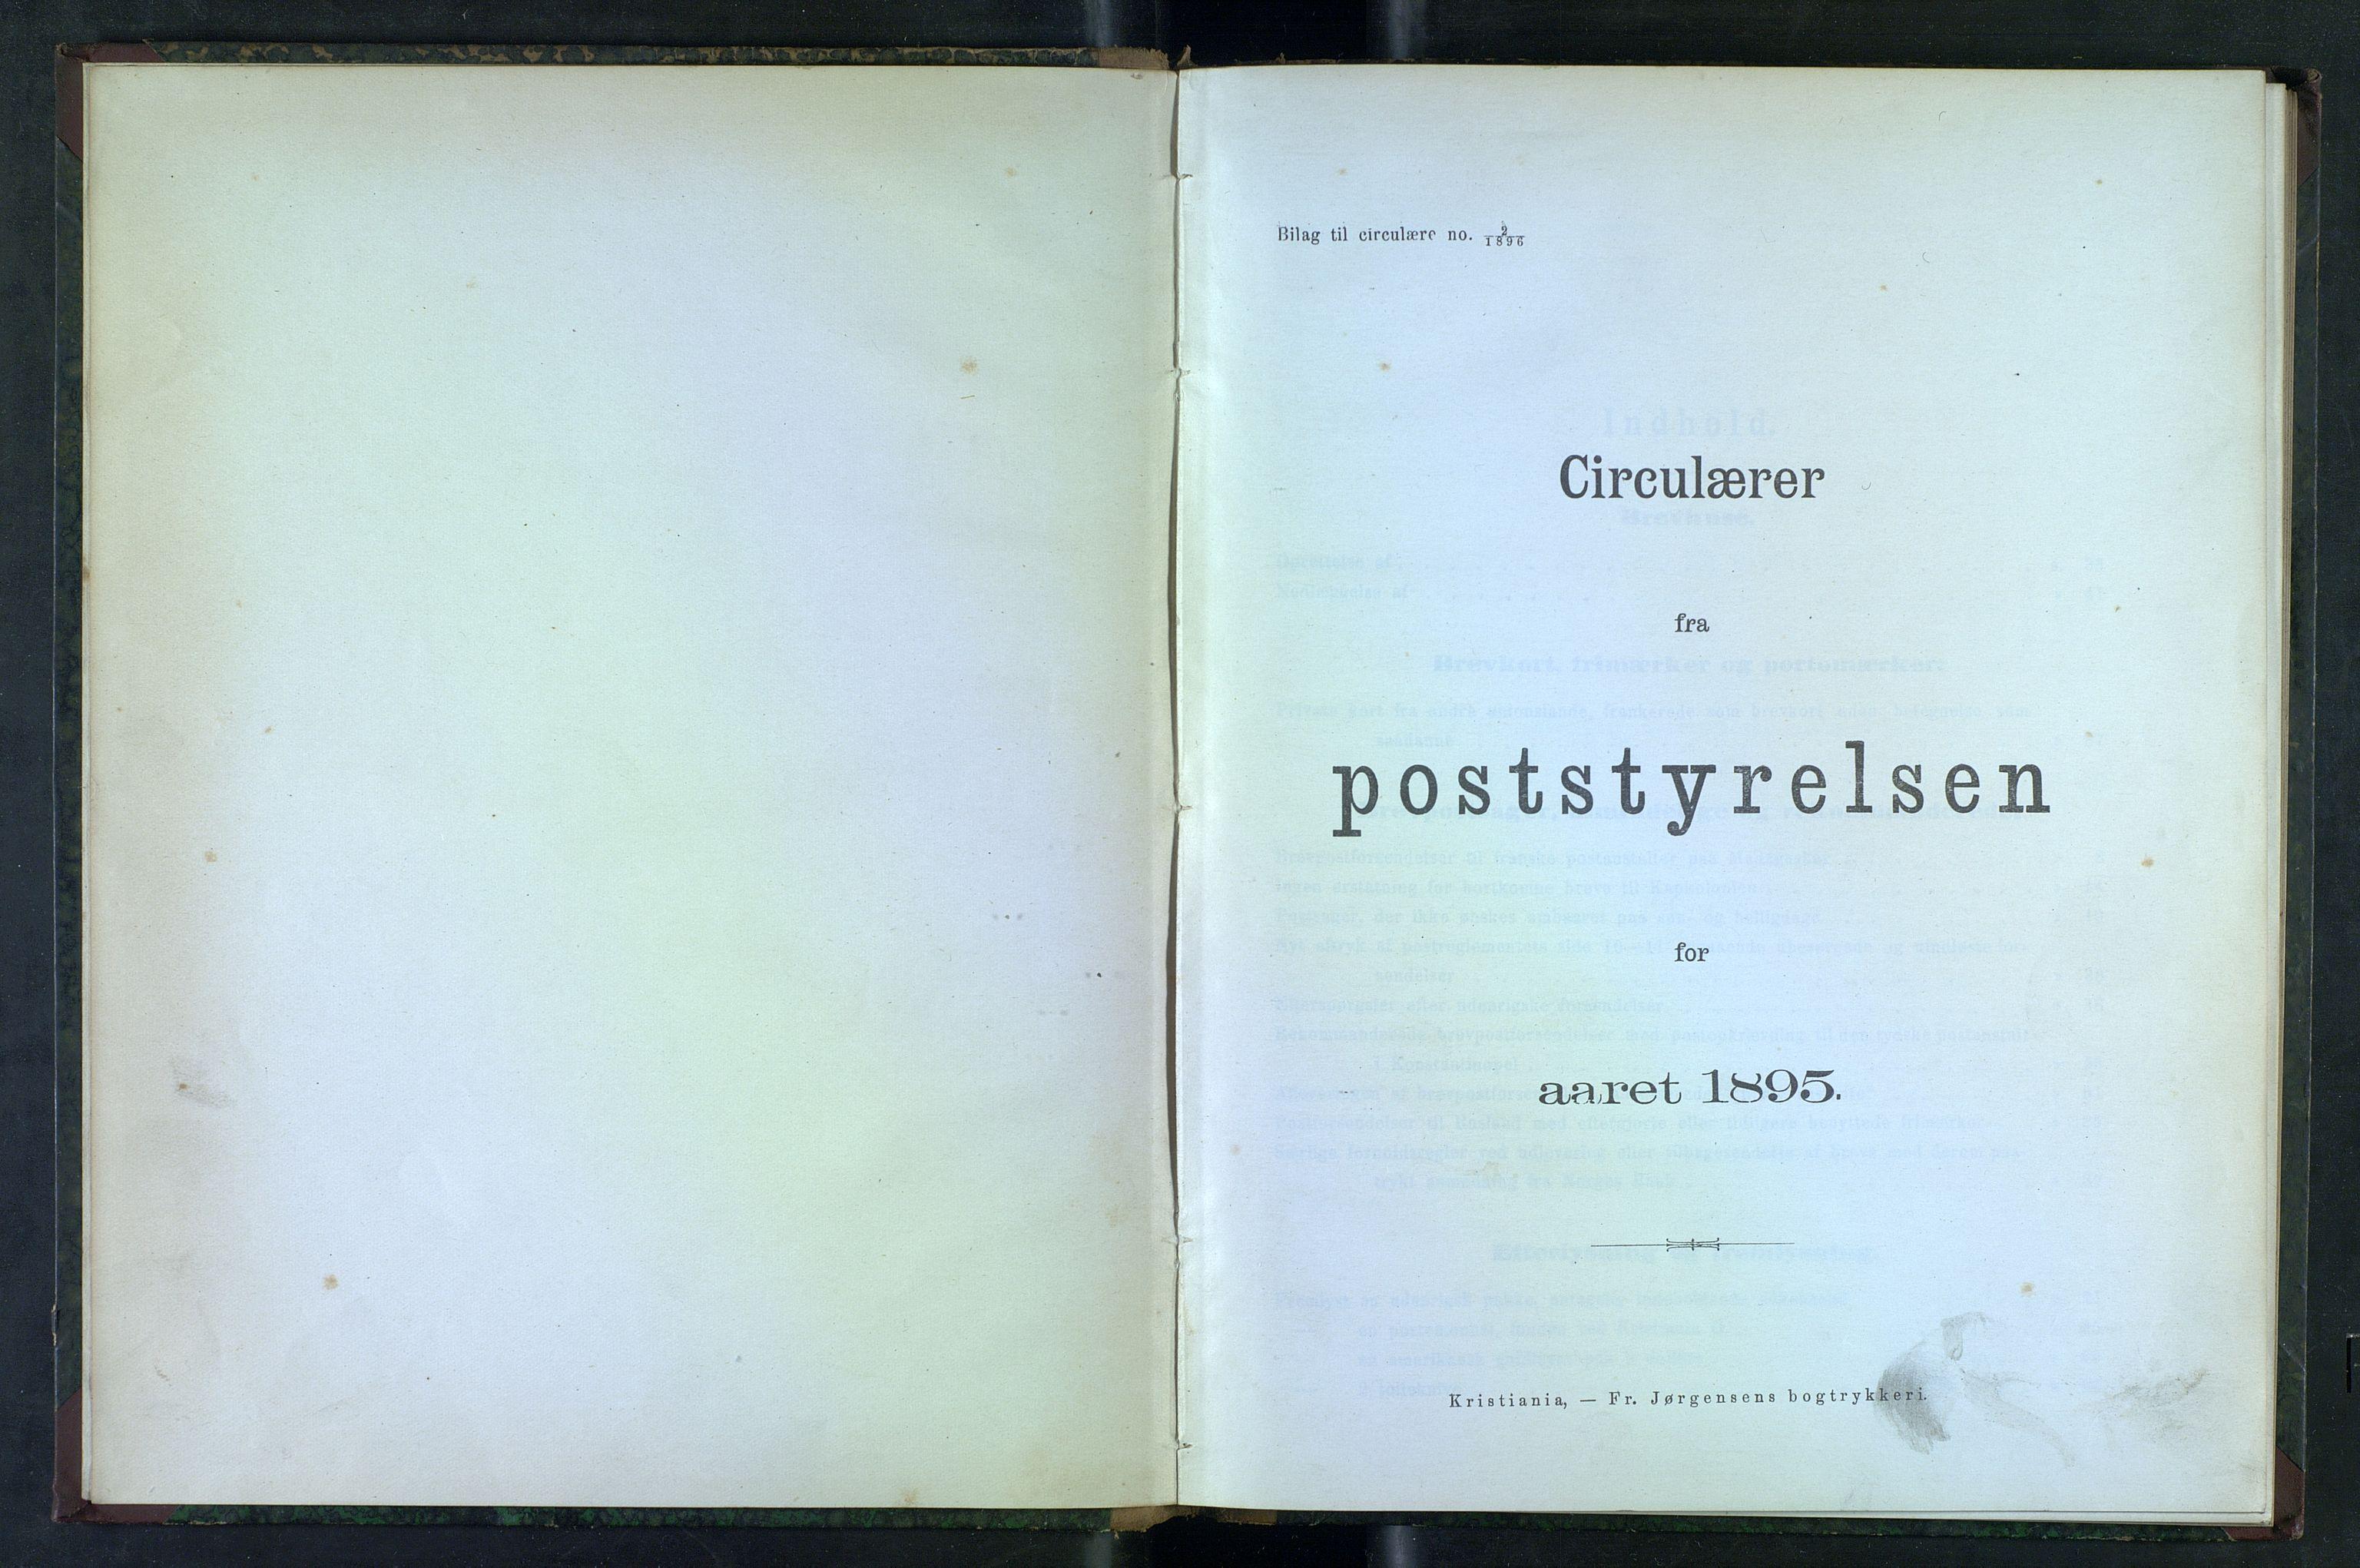 NOPO, Norges Postmuseums bibliotek, -/-: Sirkulærer fra Poststyrelsen, 1895